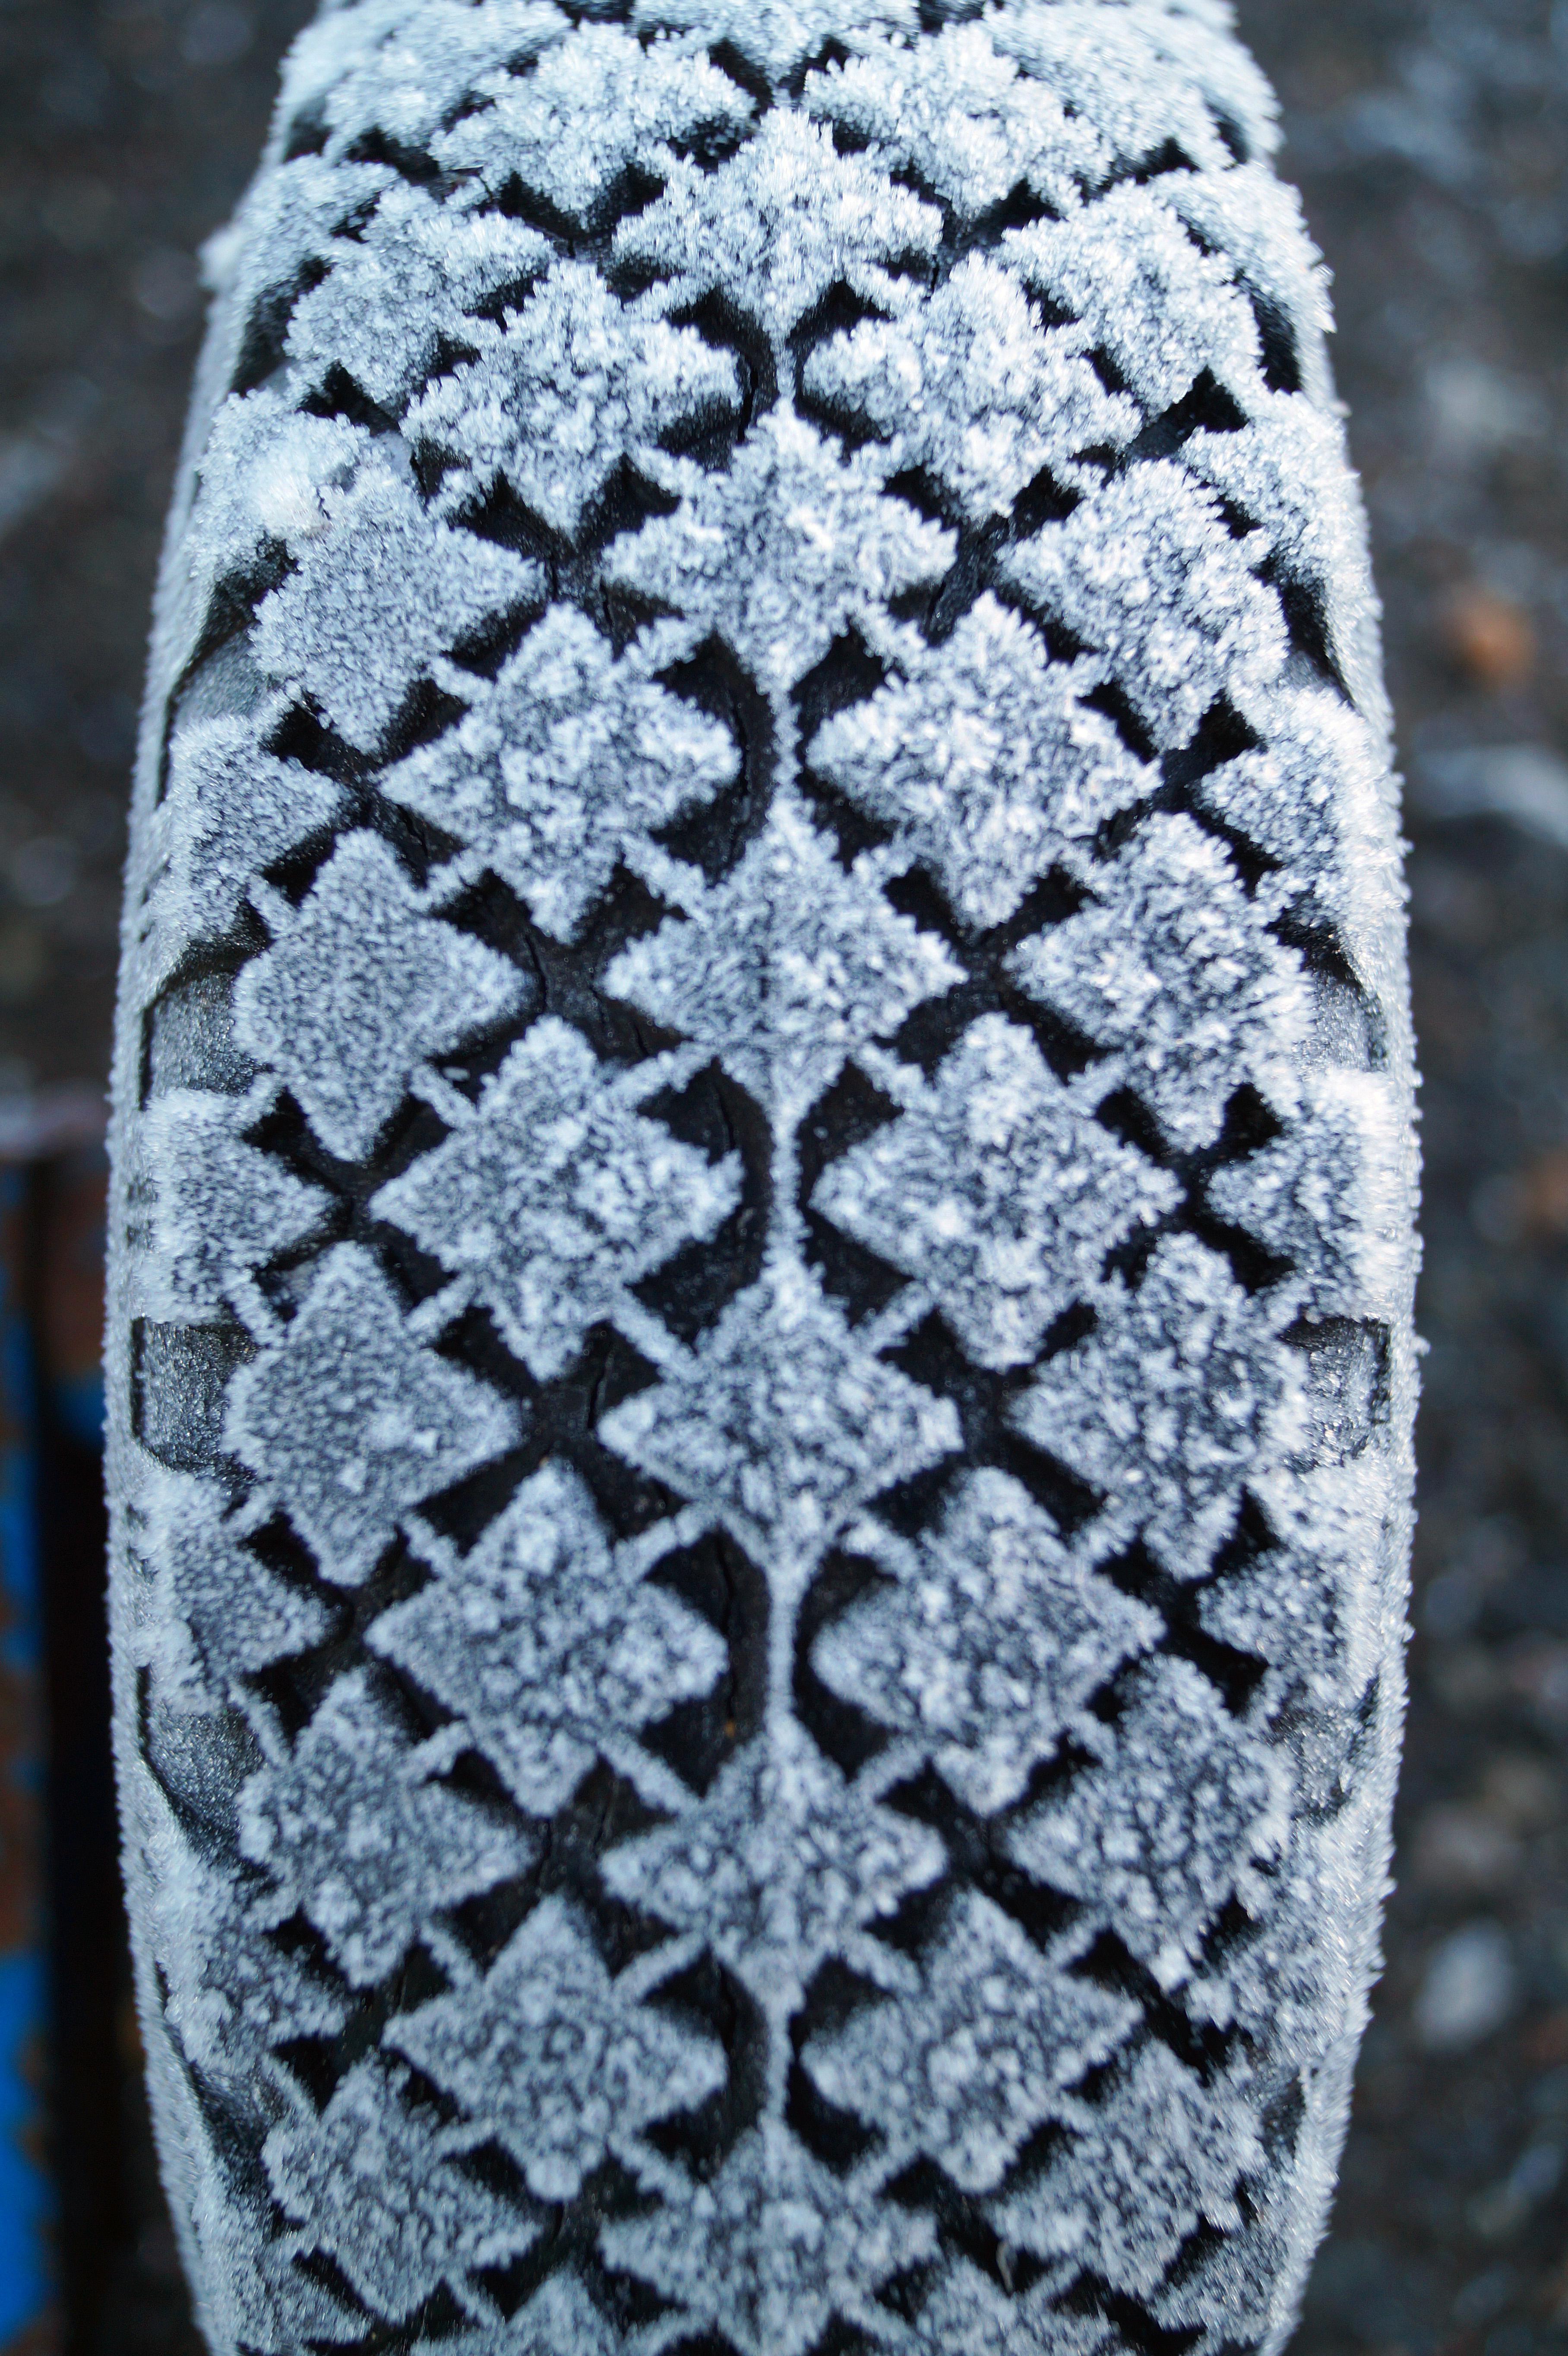 Kostenlose foto : Winter, Blume, Eis, Muster, Herbst, Spitze, blau ...